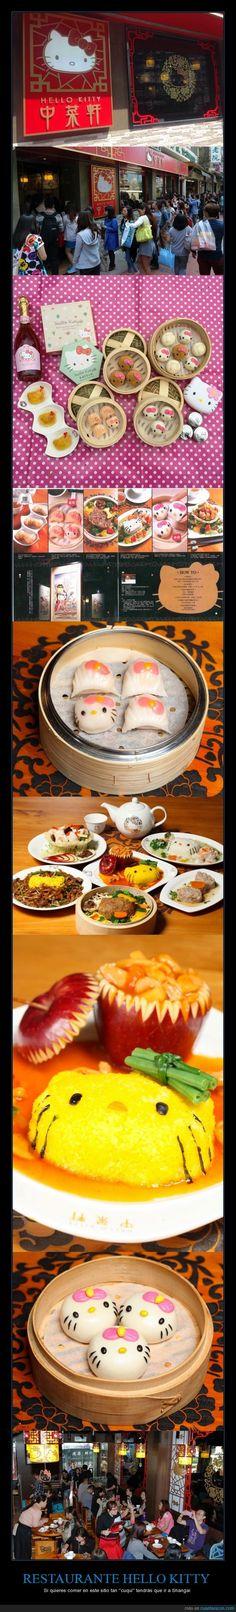 RESTAURANTE HELLO KITTY - Si quieres comer en este sitio tan ''cuqui'' tendrás que ir a Shangai